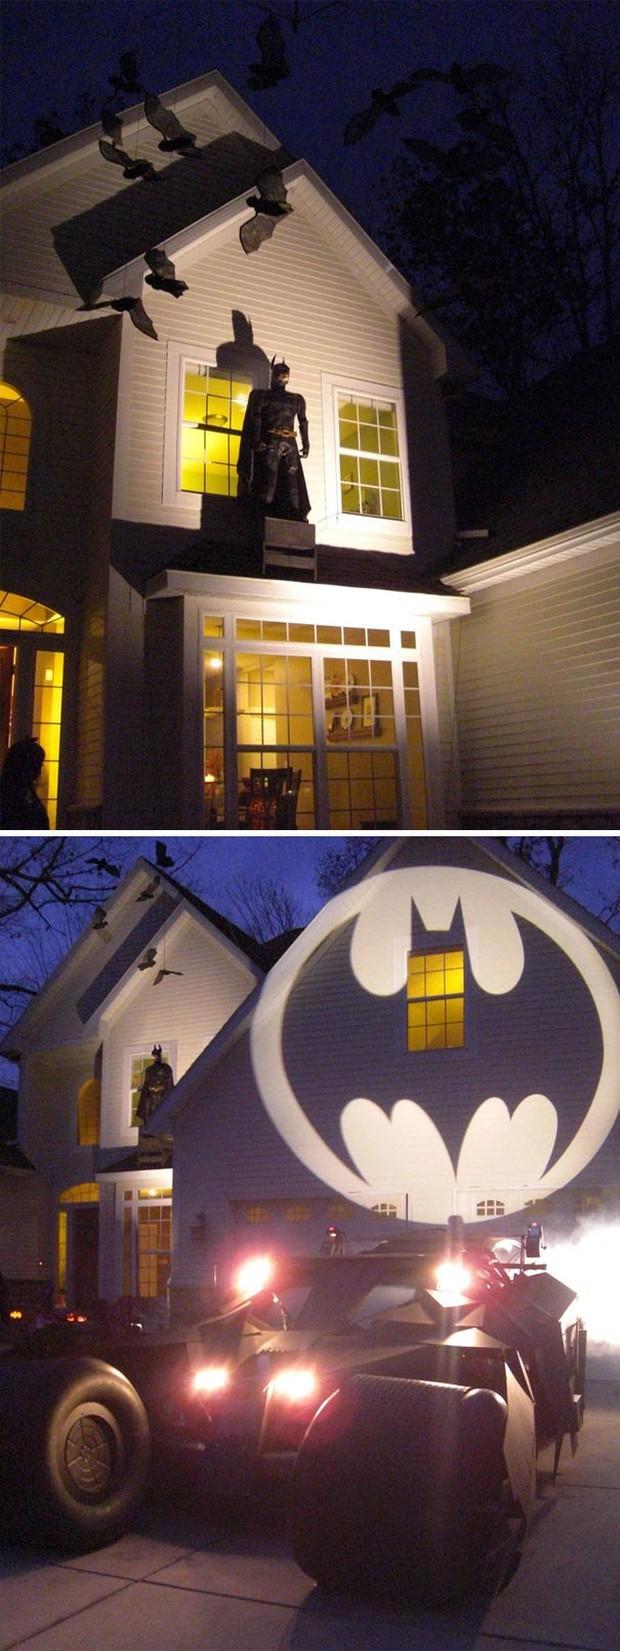 20 cách trang trí nhà cửa dịp Halloween khiến bọn trẻ phải khóc thét khi đến xin kẹo - Ảnh 17.